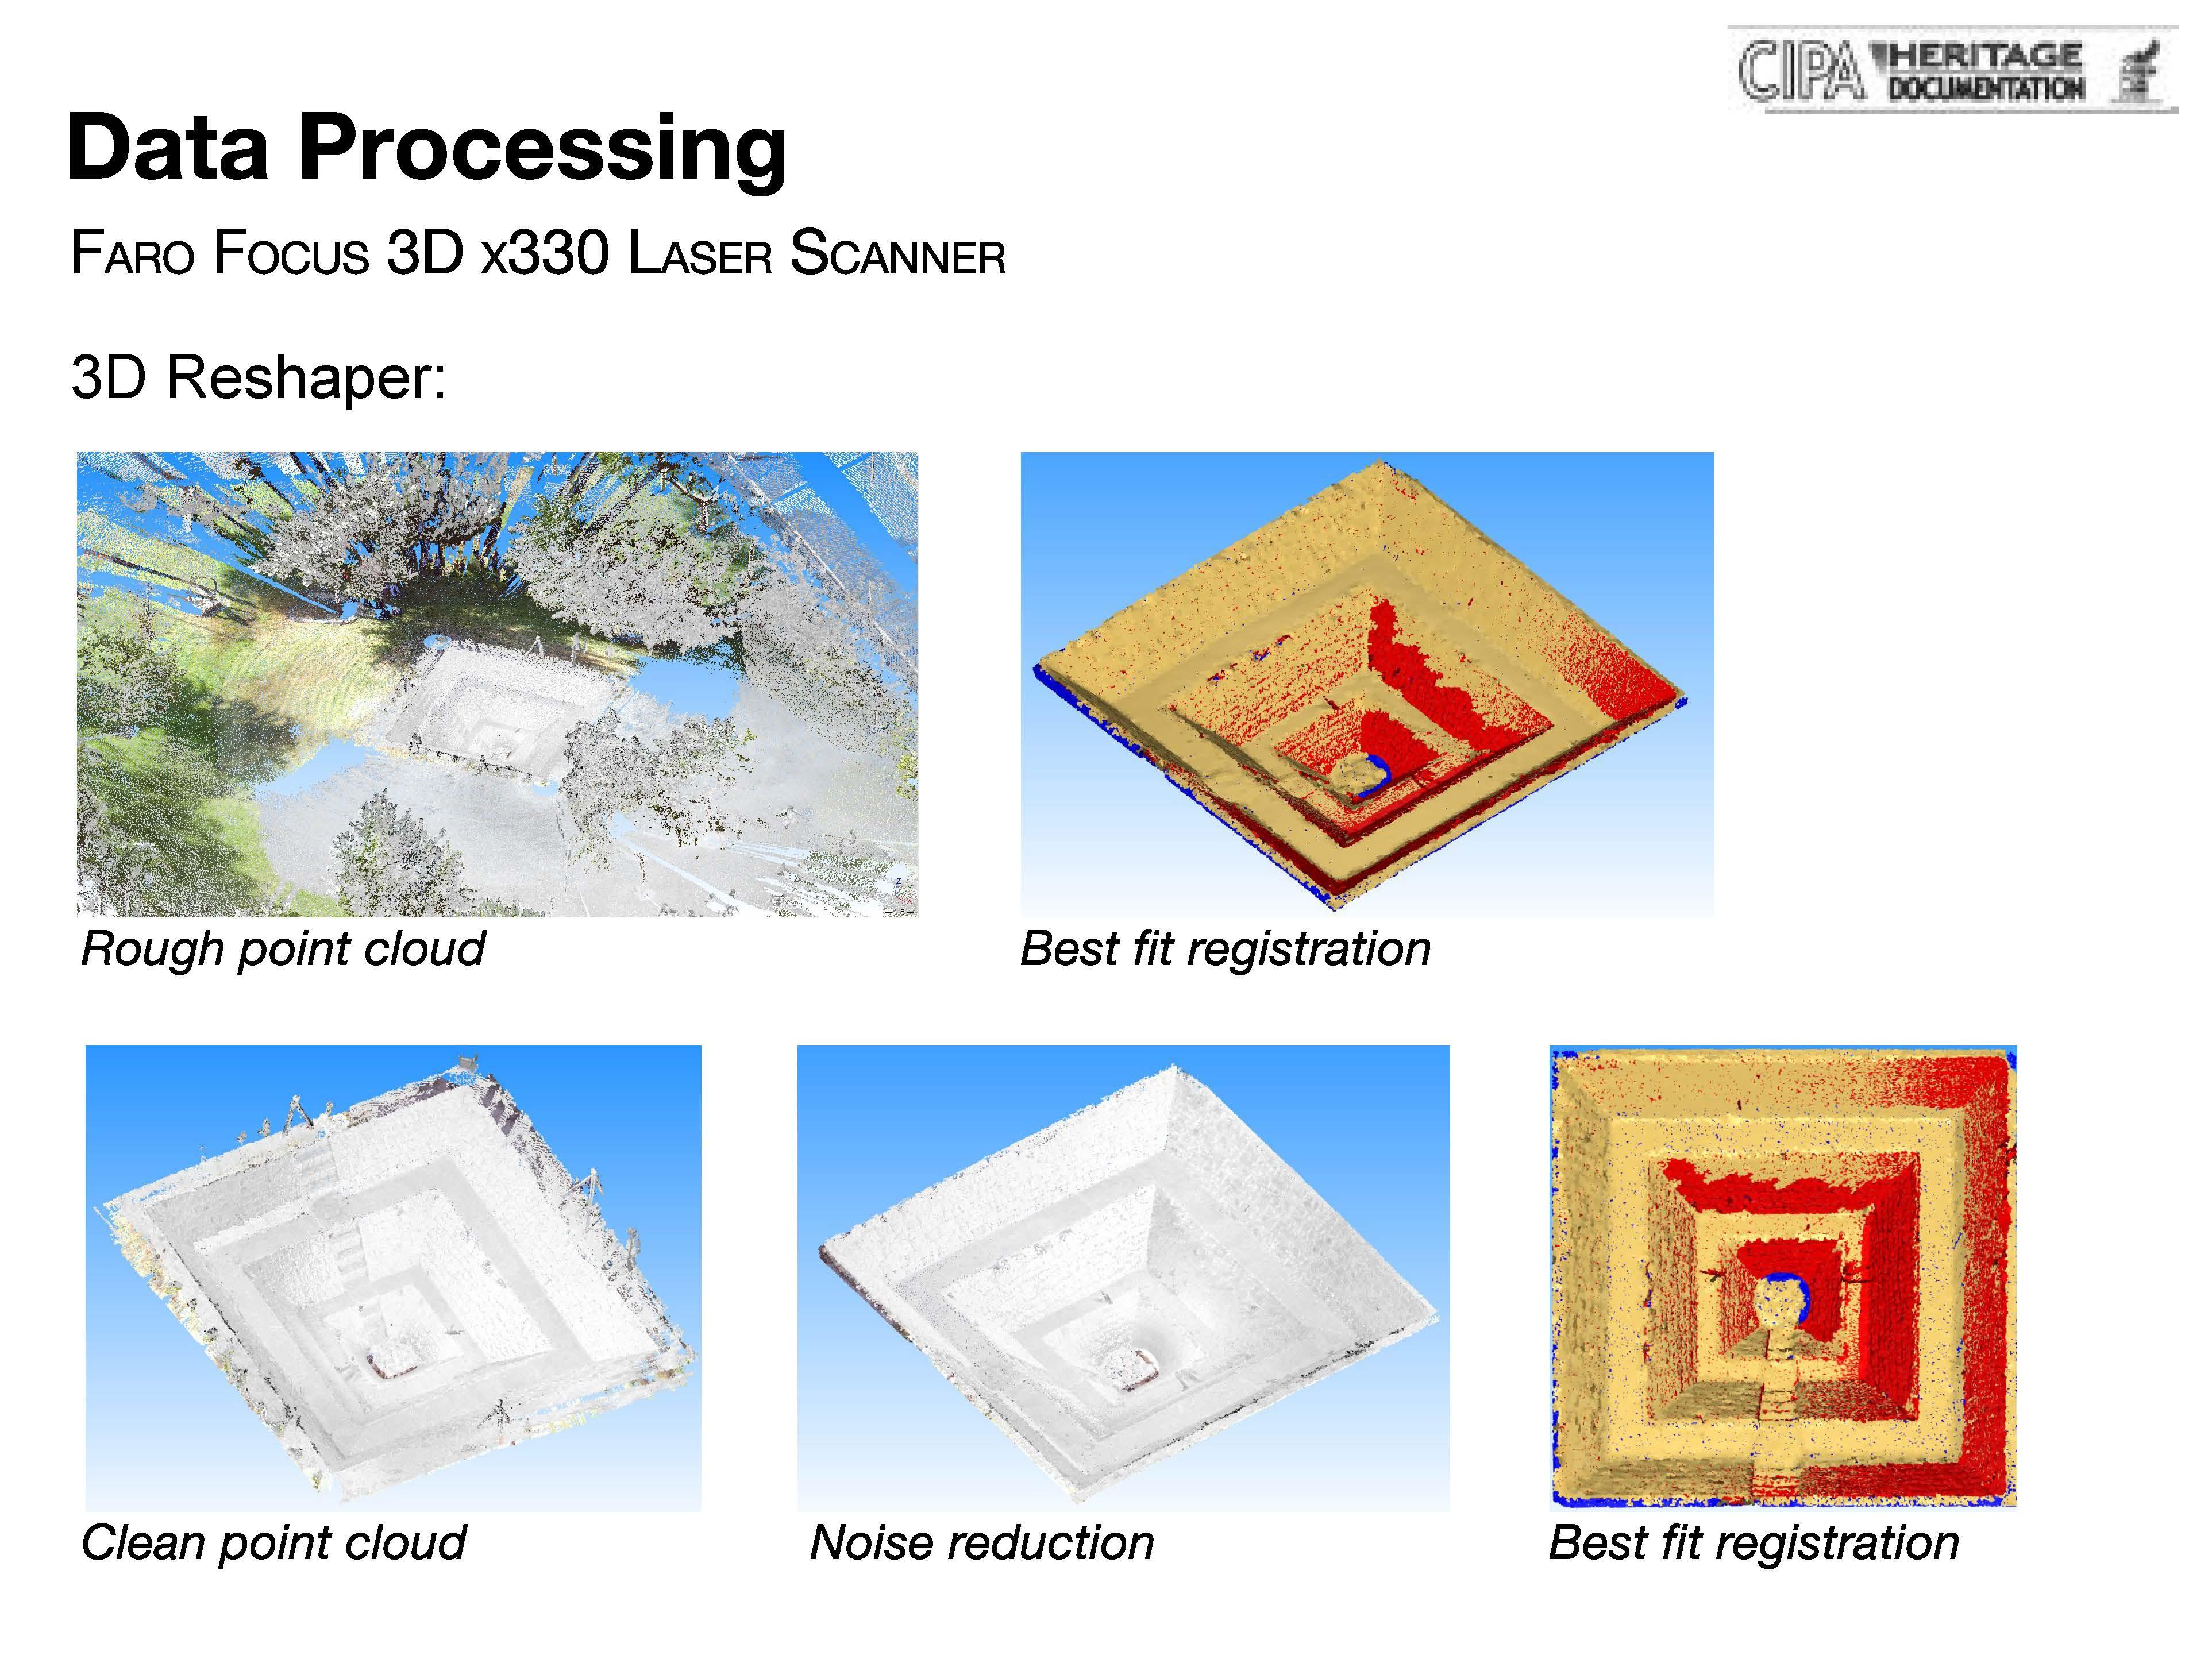 3D Reshaper - Point cloud